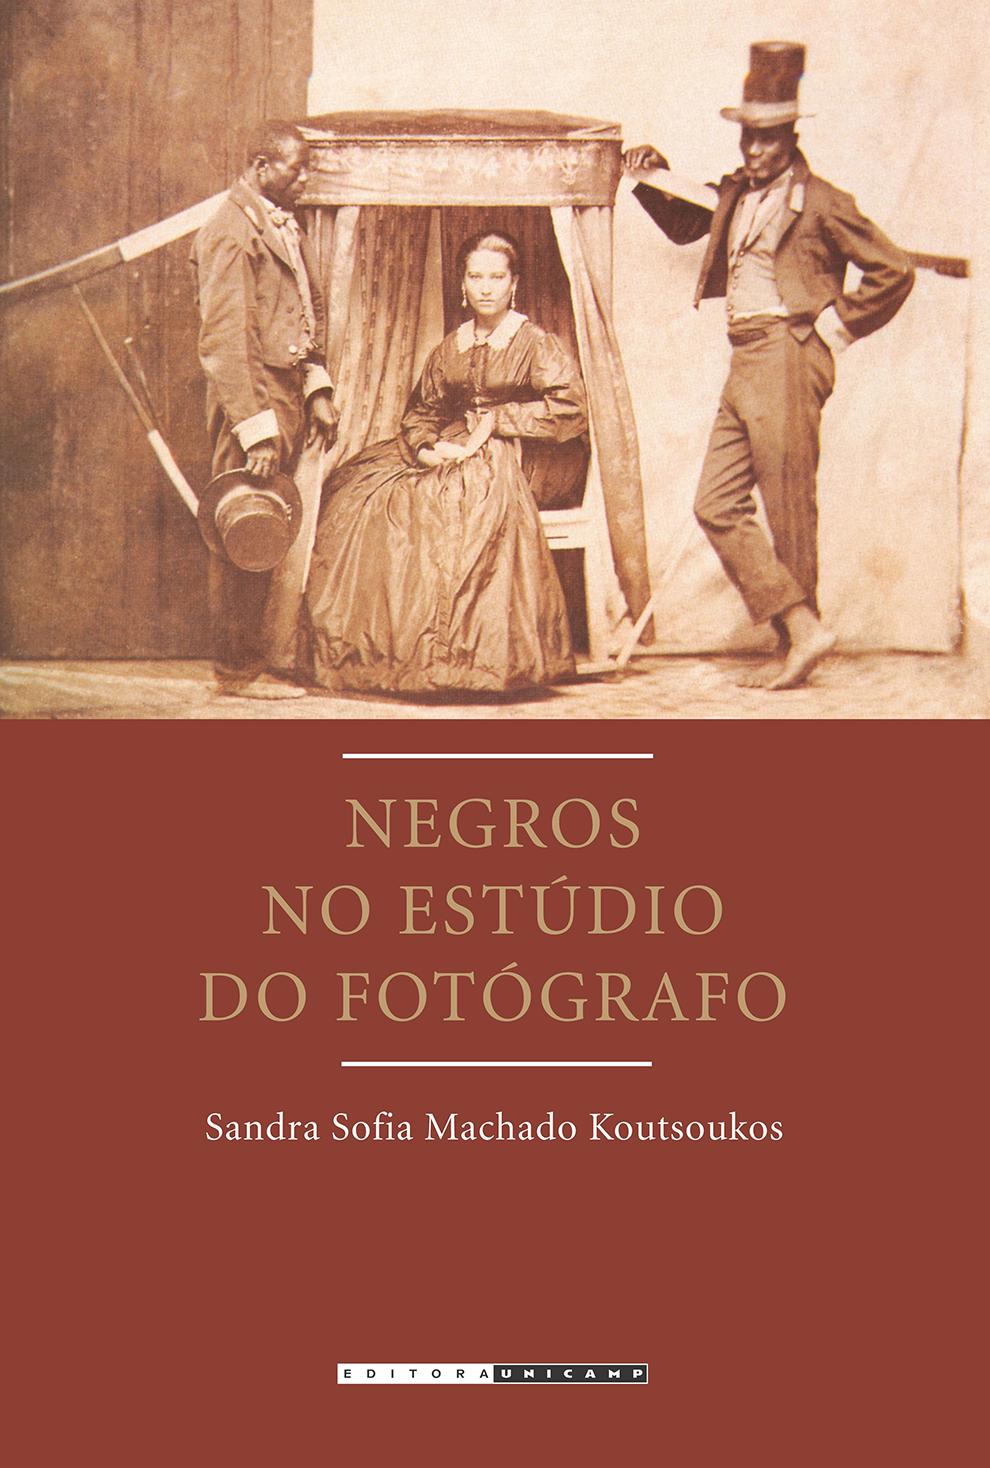 Negros no estúdio do fotógrafo - Brasil, segunda metade do século XIX, livro de Sandra Sofia Machado Koutsoukos